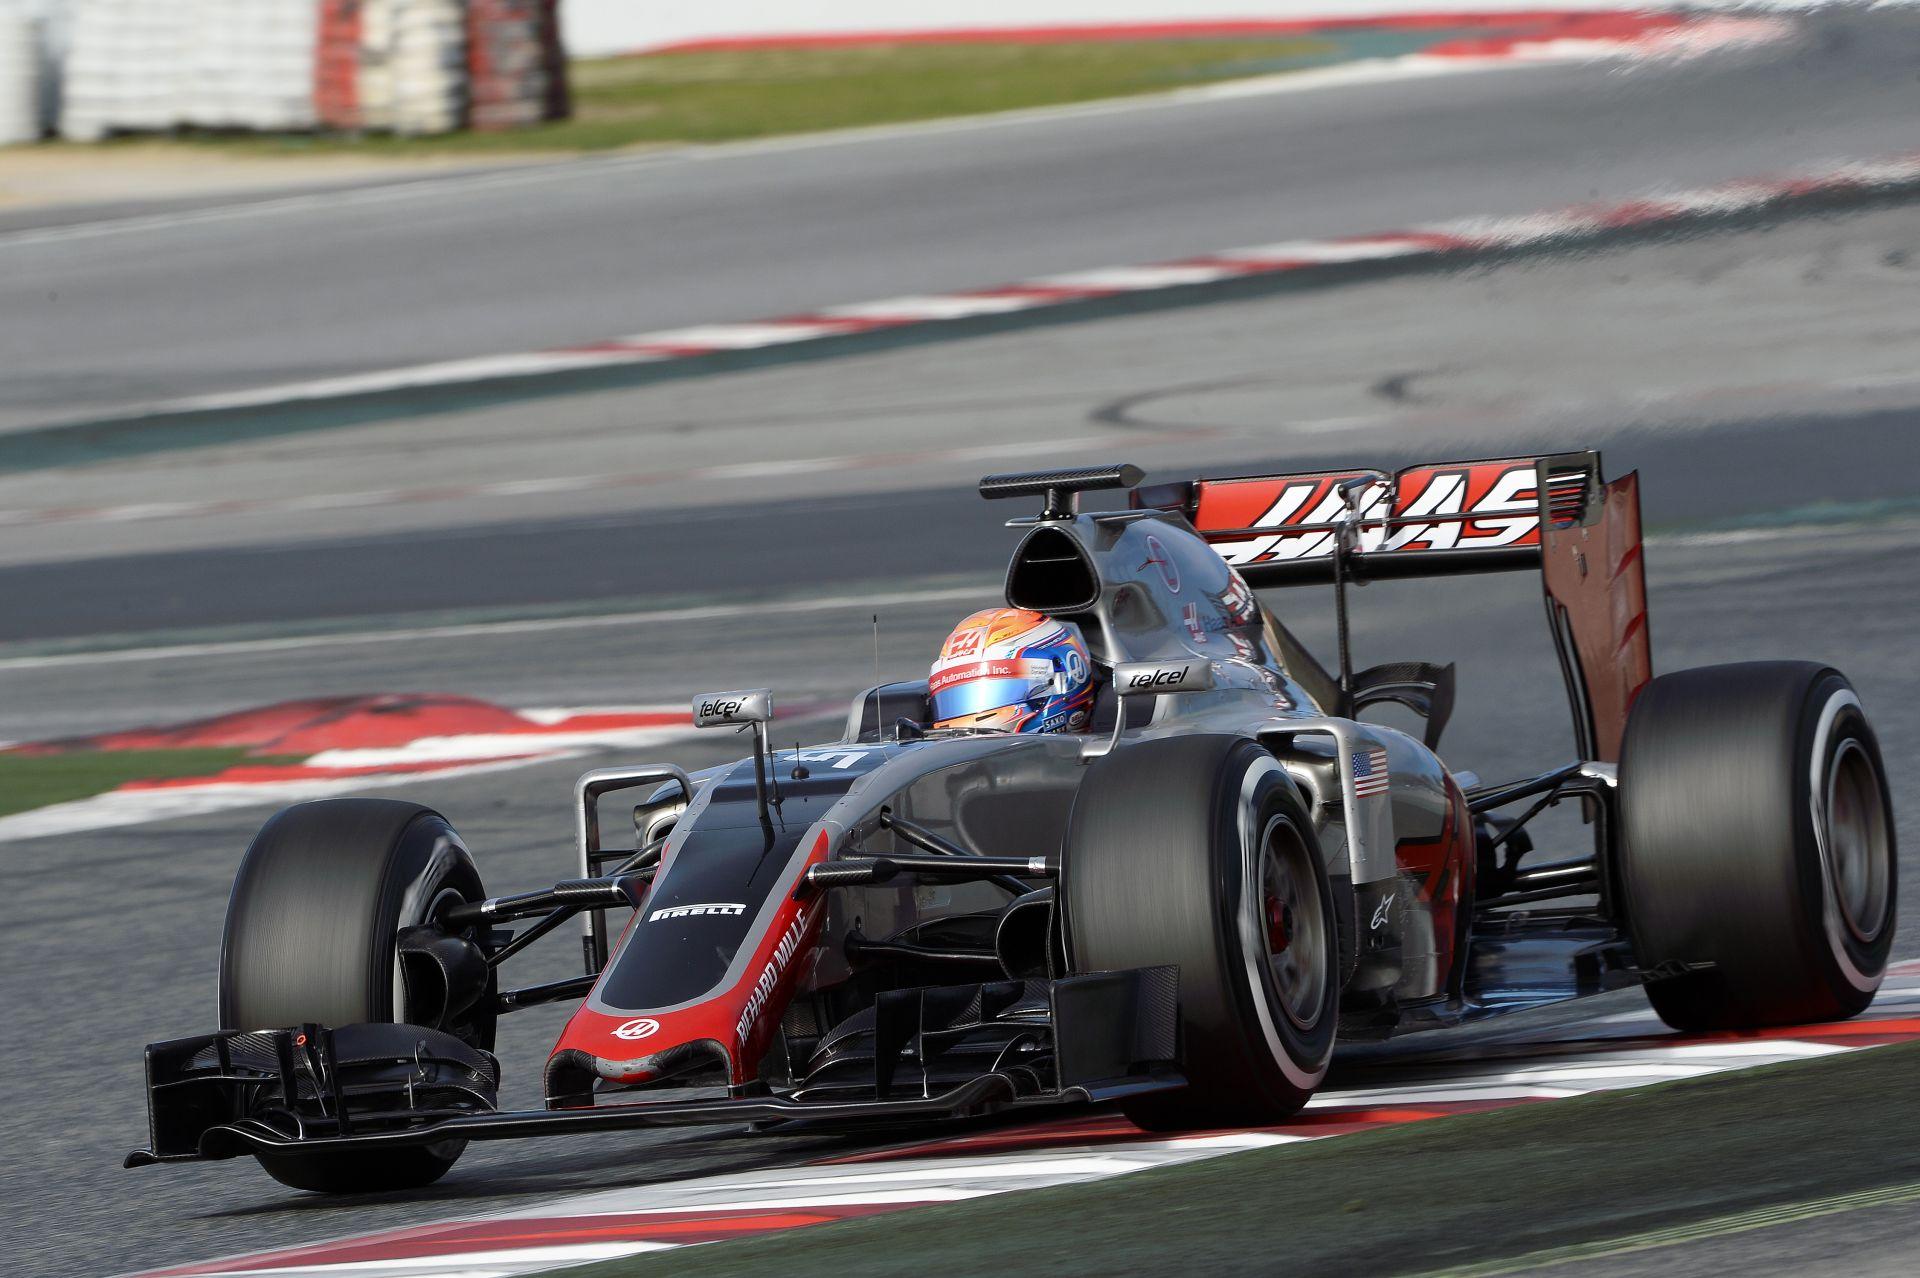 Videóra vették Grosjean nagy elszállását a Haas versenygépével